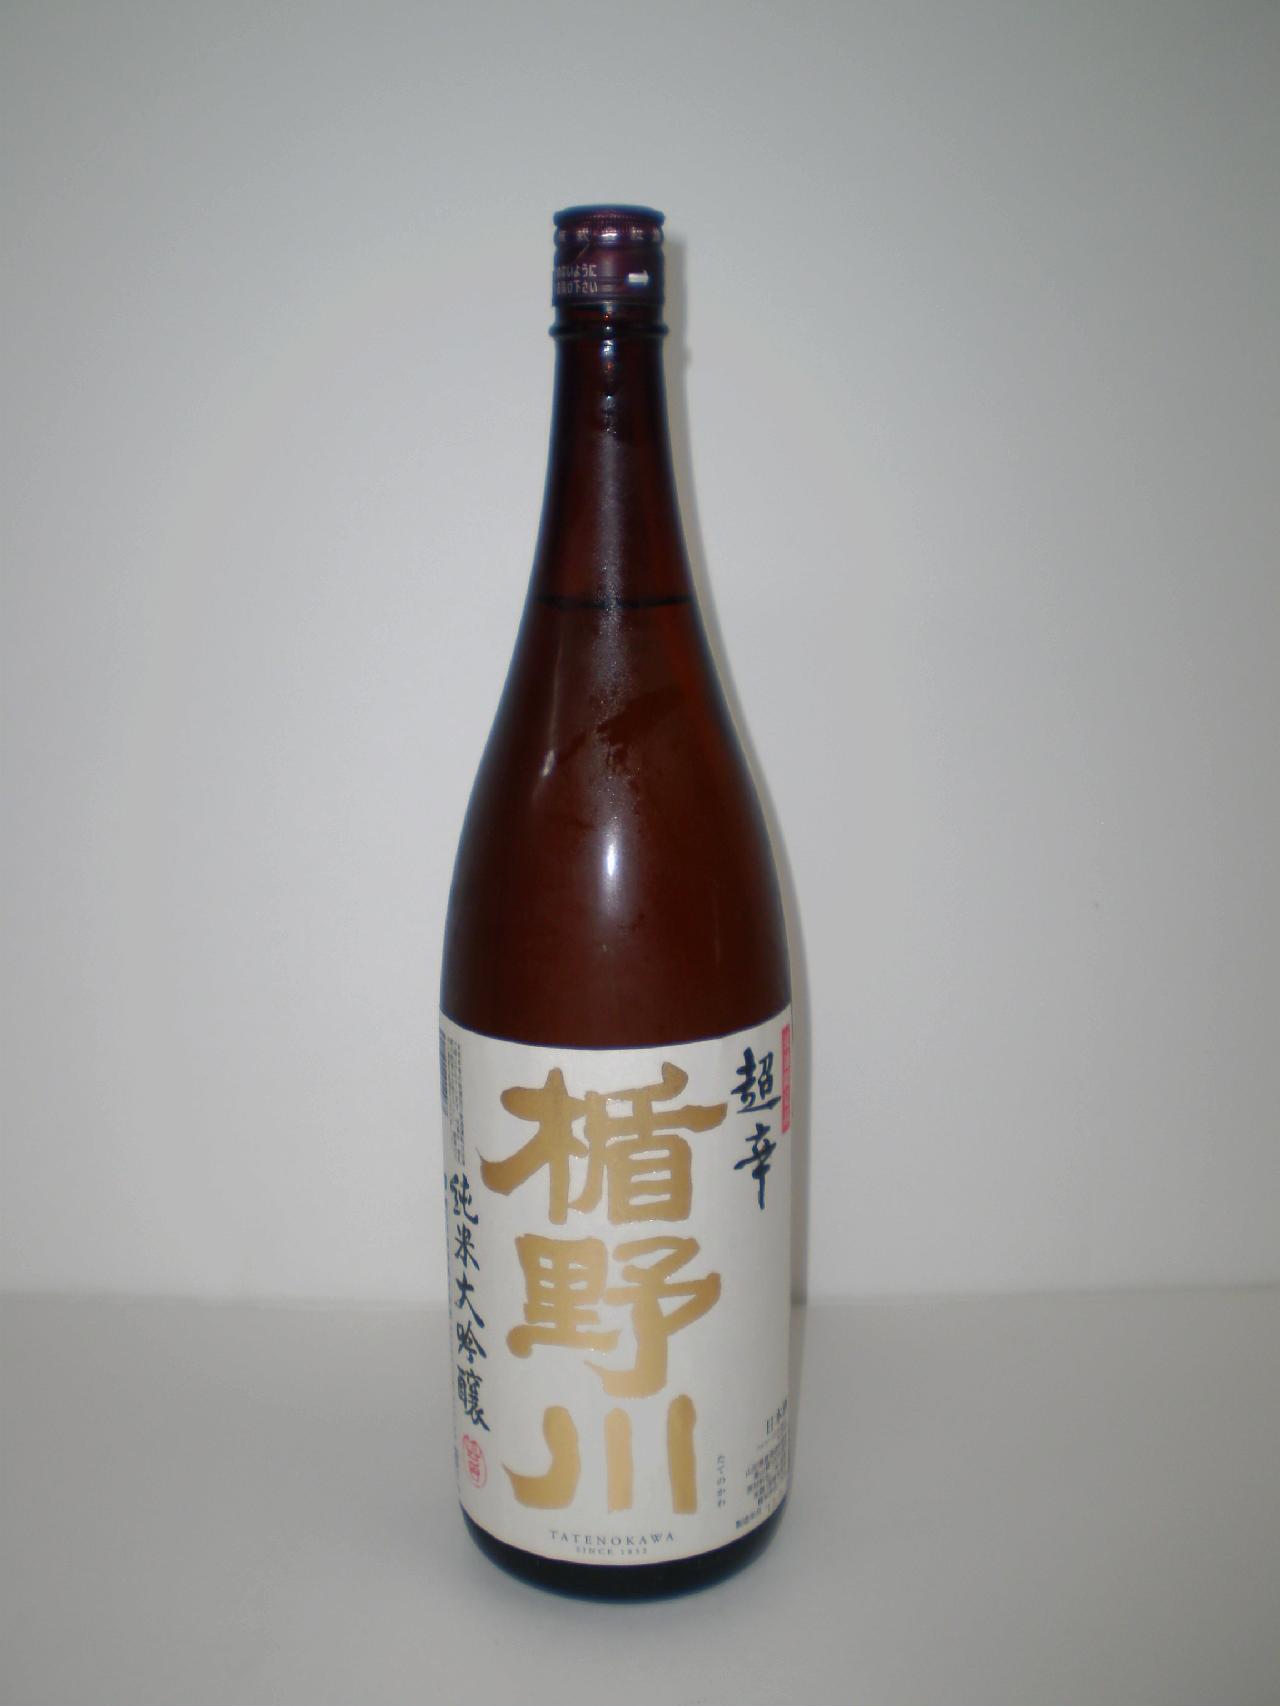 楯野川 純米大吟醸 超辛 1800ml 楯の川酒造